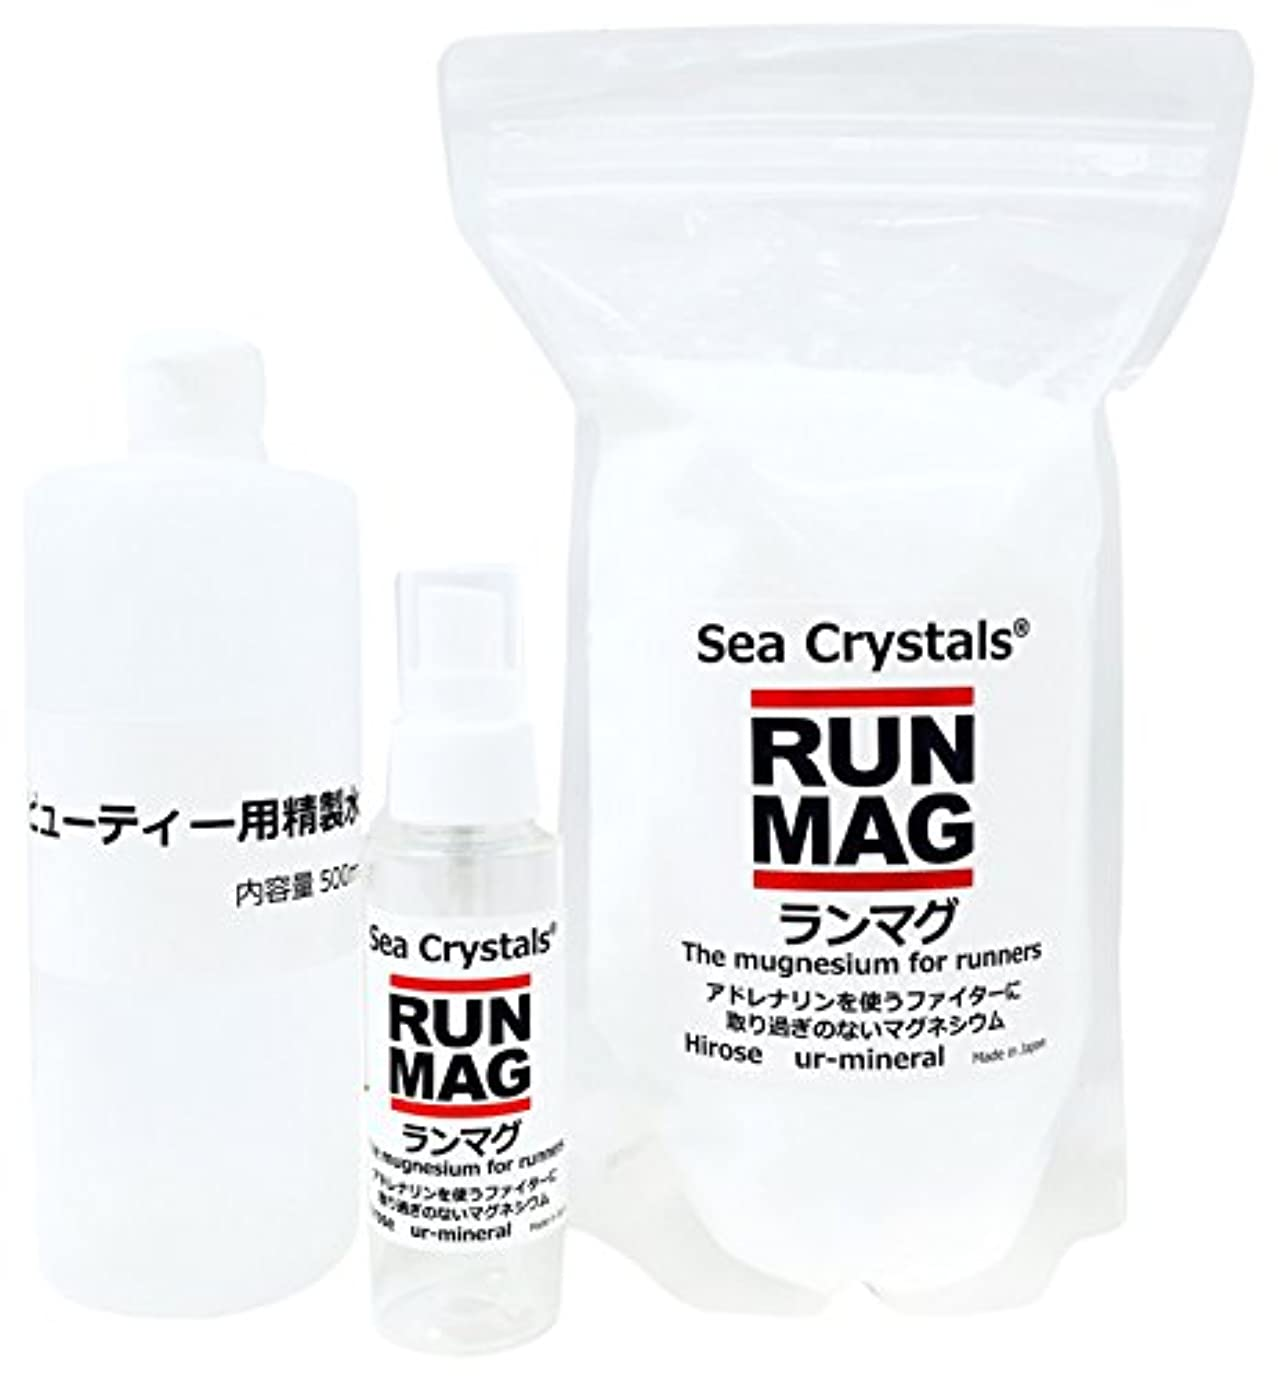 デンマークグローバルボリュームランマグ?マグネシウムオイル 500g 化粧品登録 日本製 1日マグネシウム360mg使用  精製水付き